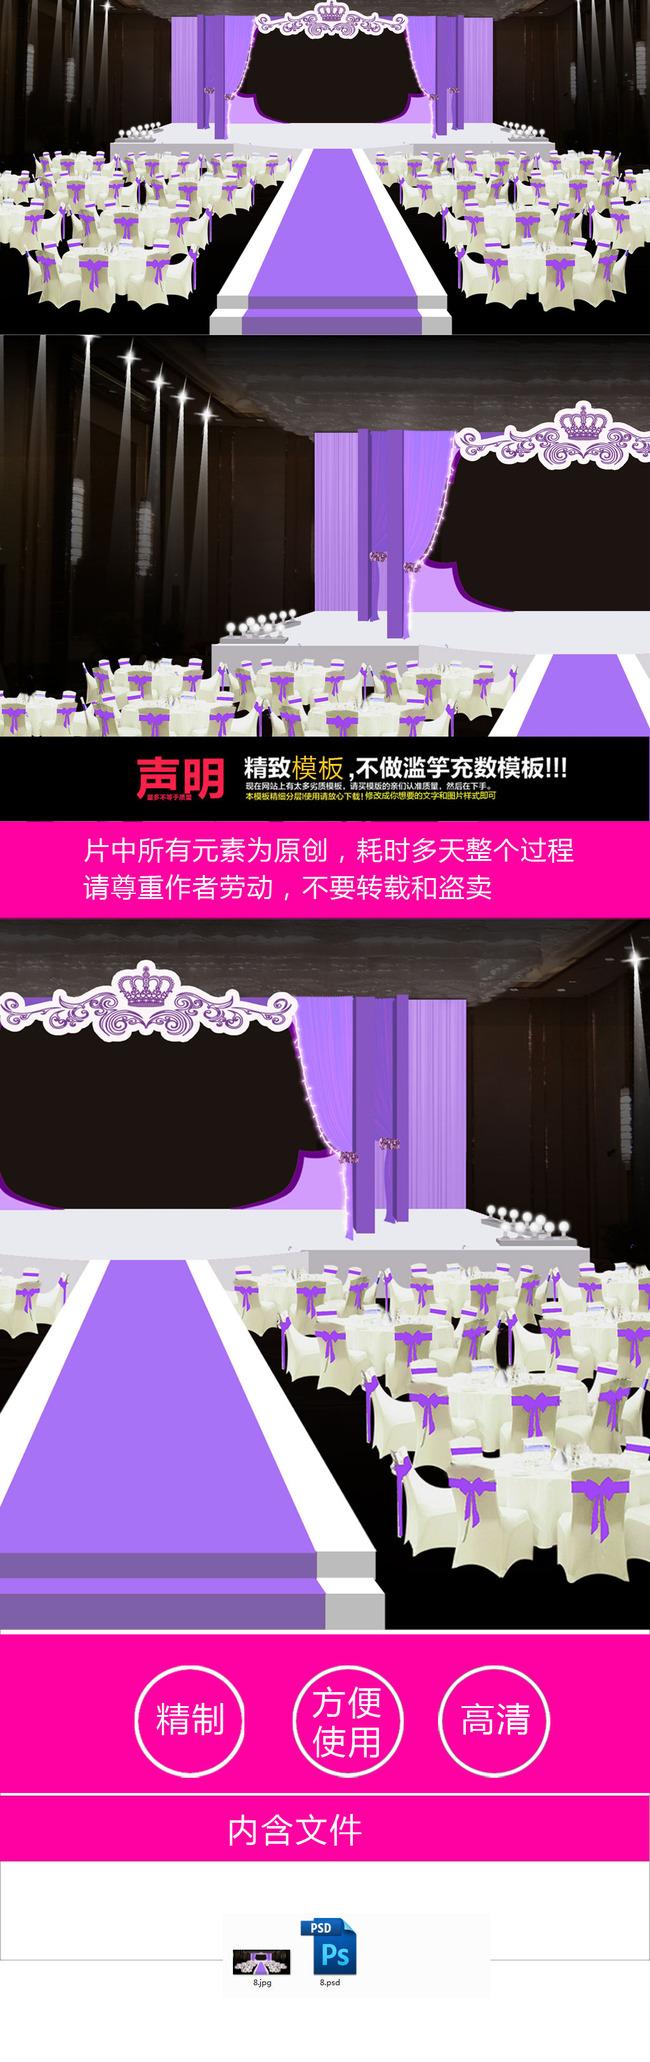 3d高端紫色婚礼场景设计模板下载